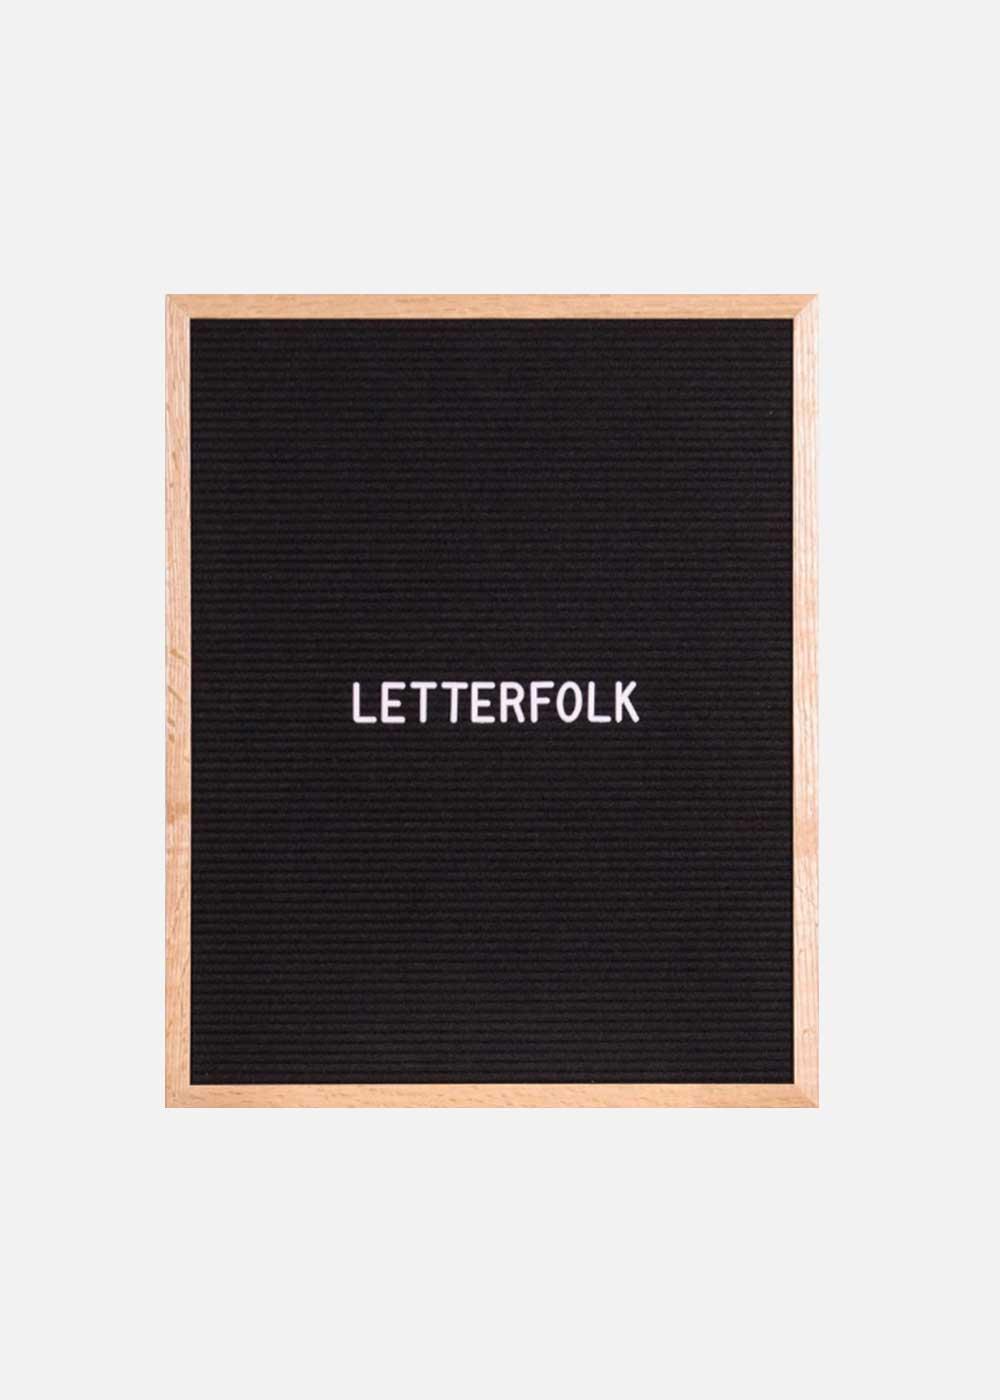 Letterfolk Menu Board